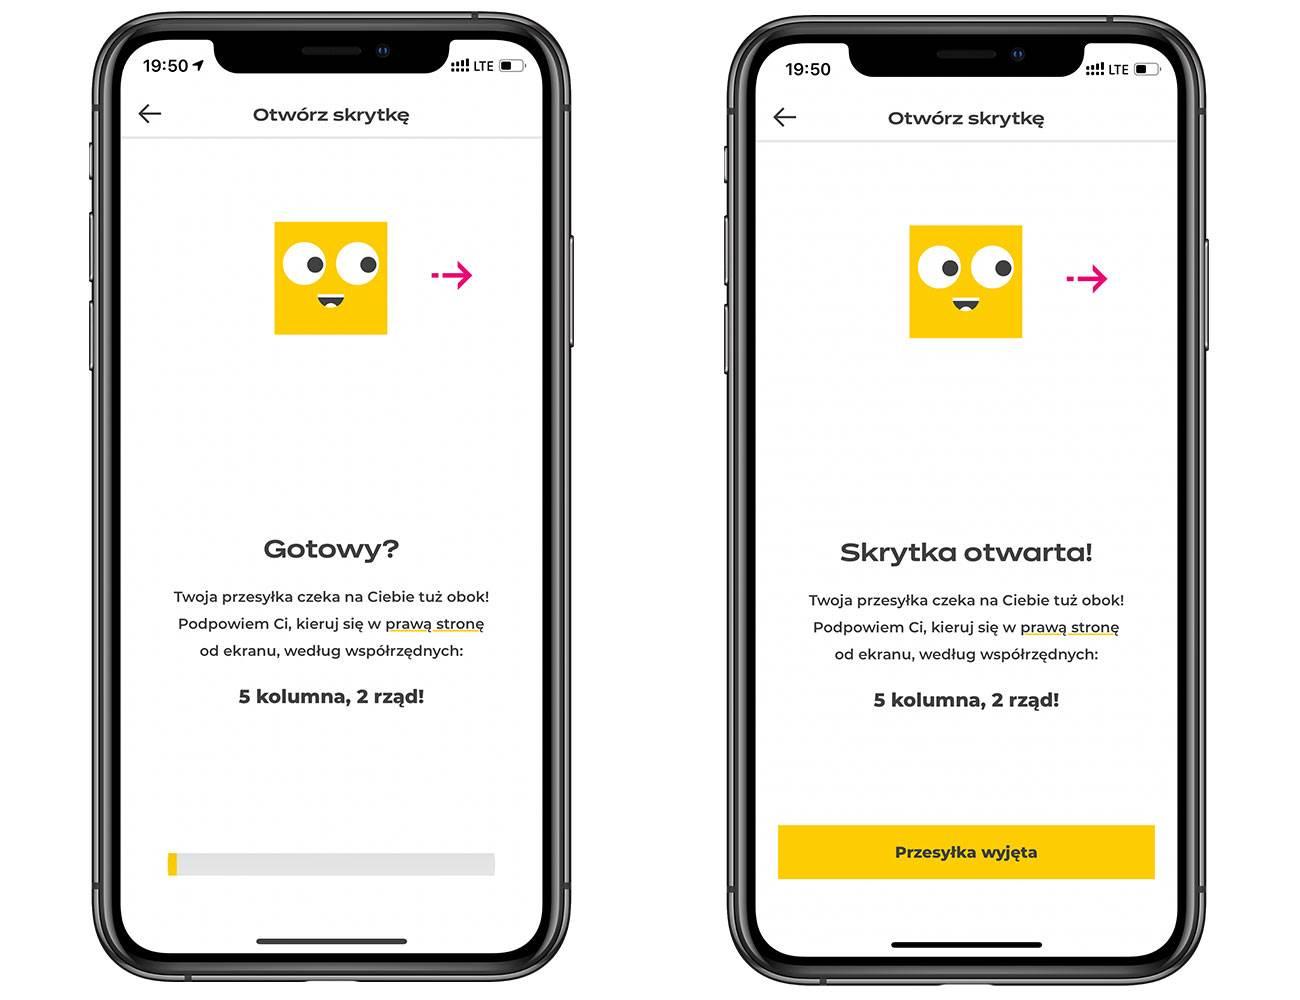 Nie wbijaj kodu. Otwieraj skrytkę paczkomatu iPhone?m lub innym smartfonem z Androidem zdalnie za pomocą apki InPost Mobile polecane, ciekawostki zdalne otwarcie paczkomatu, paczkomat, otwieranie paczkomatu zdalnie, otwieranie paczkomatu z telefonu, InPost Mobile, iNpost  Może nie wszyscy z Was o tym wiedzą, ale od kilku już miesięcy możliwe jest otworzenie skrytki paczkomatu zdanie - naszym smartfonem. Bez wbijania numeru telefonu, PIN-u, czy skanowania kodu QR. iNpost 4